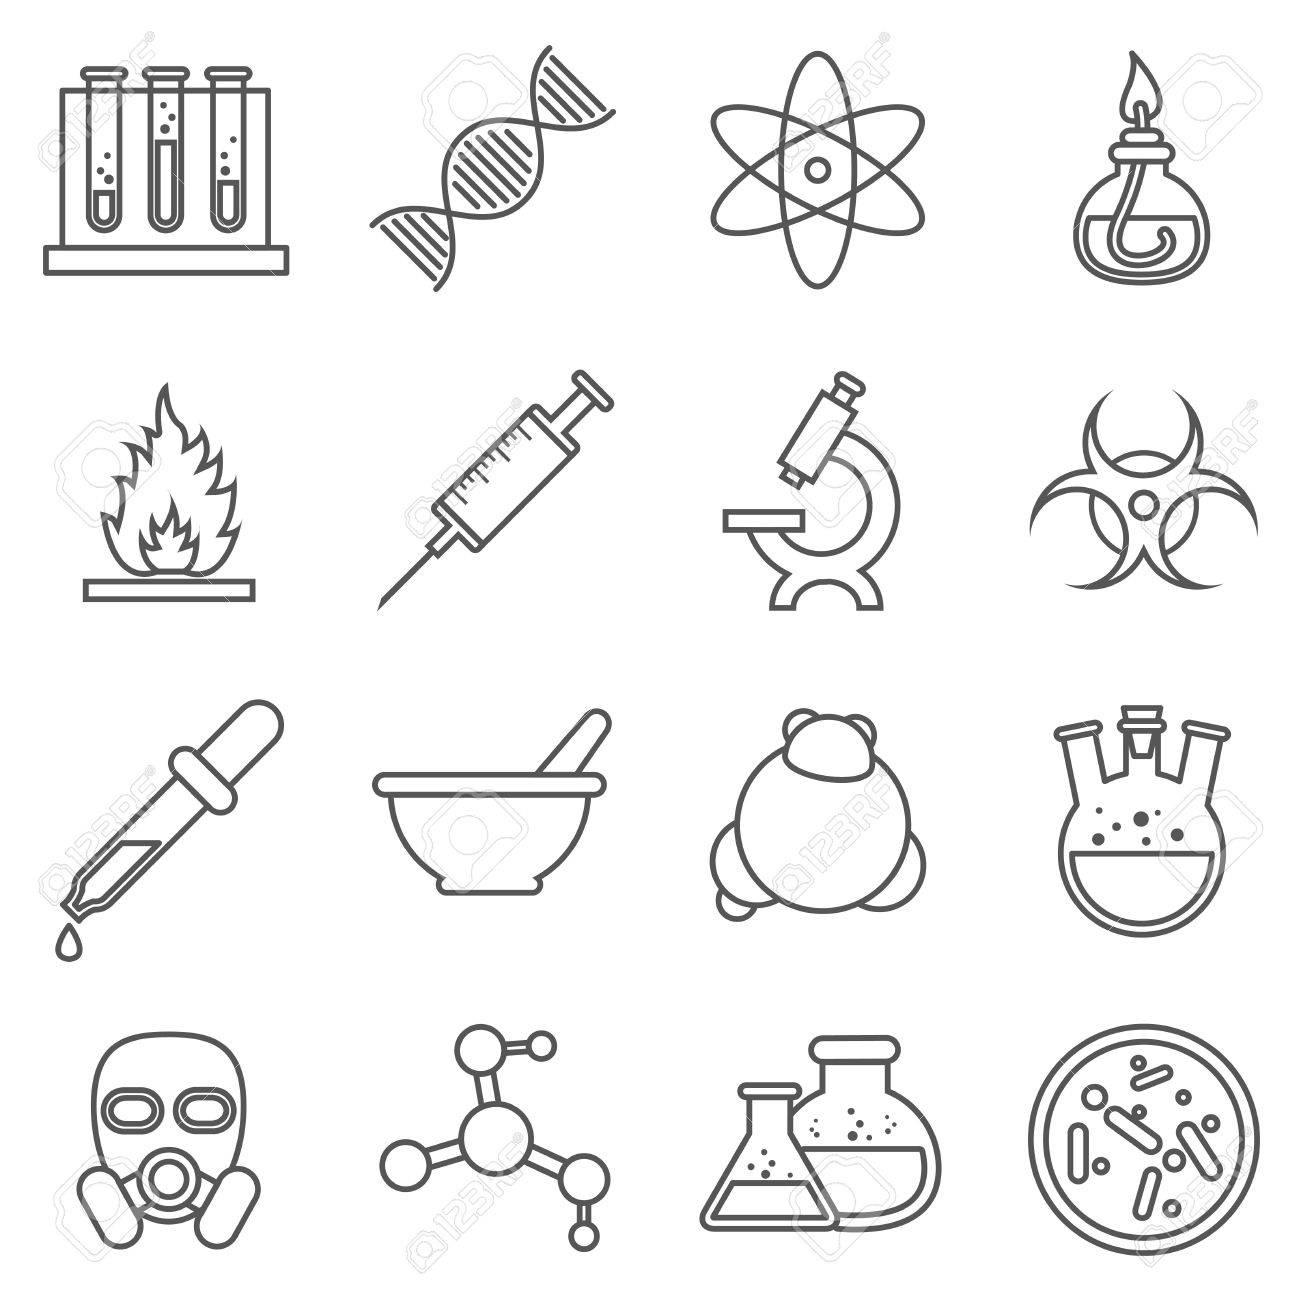 Los Experimentos Científicos Química Y Tecnología De Bio Iconos De Líneas Biología Molecular La Estructura De La Molécula Ilustración Vectorial